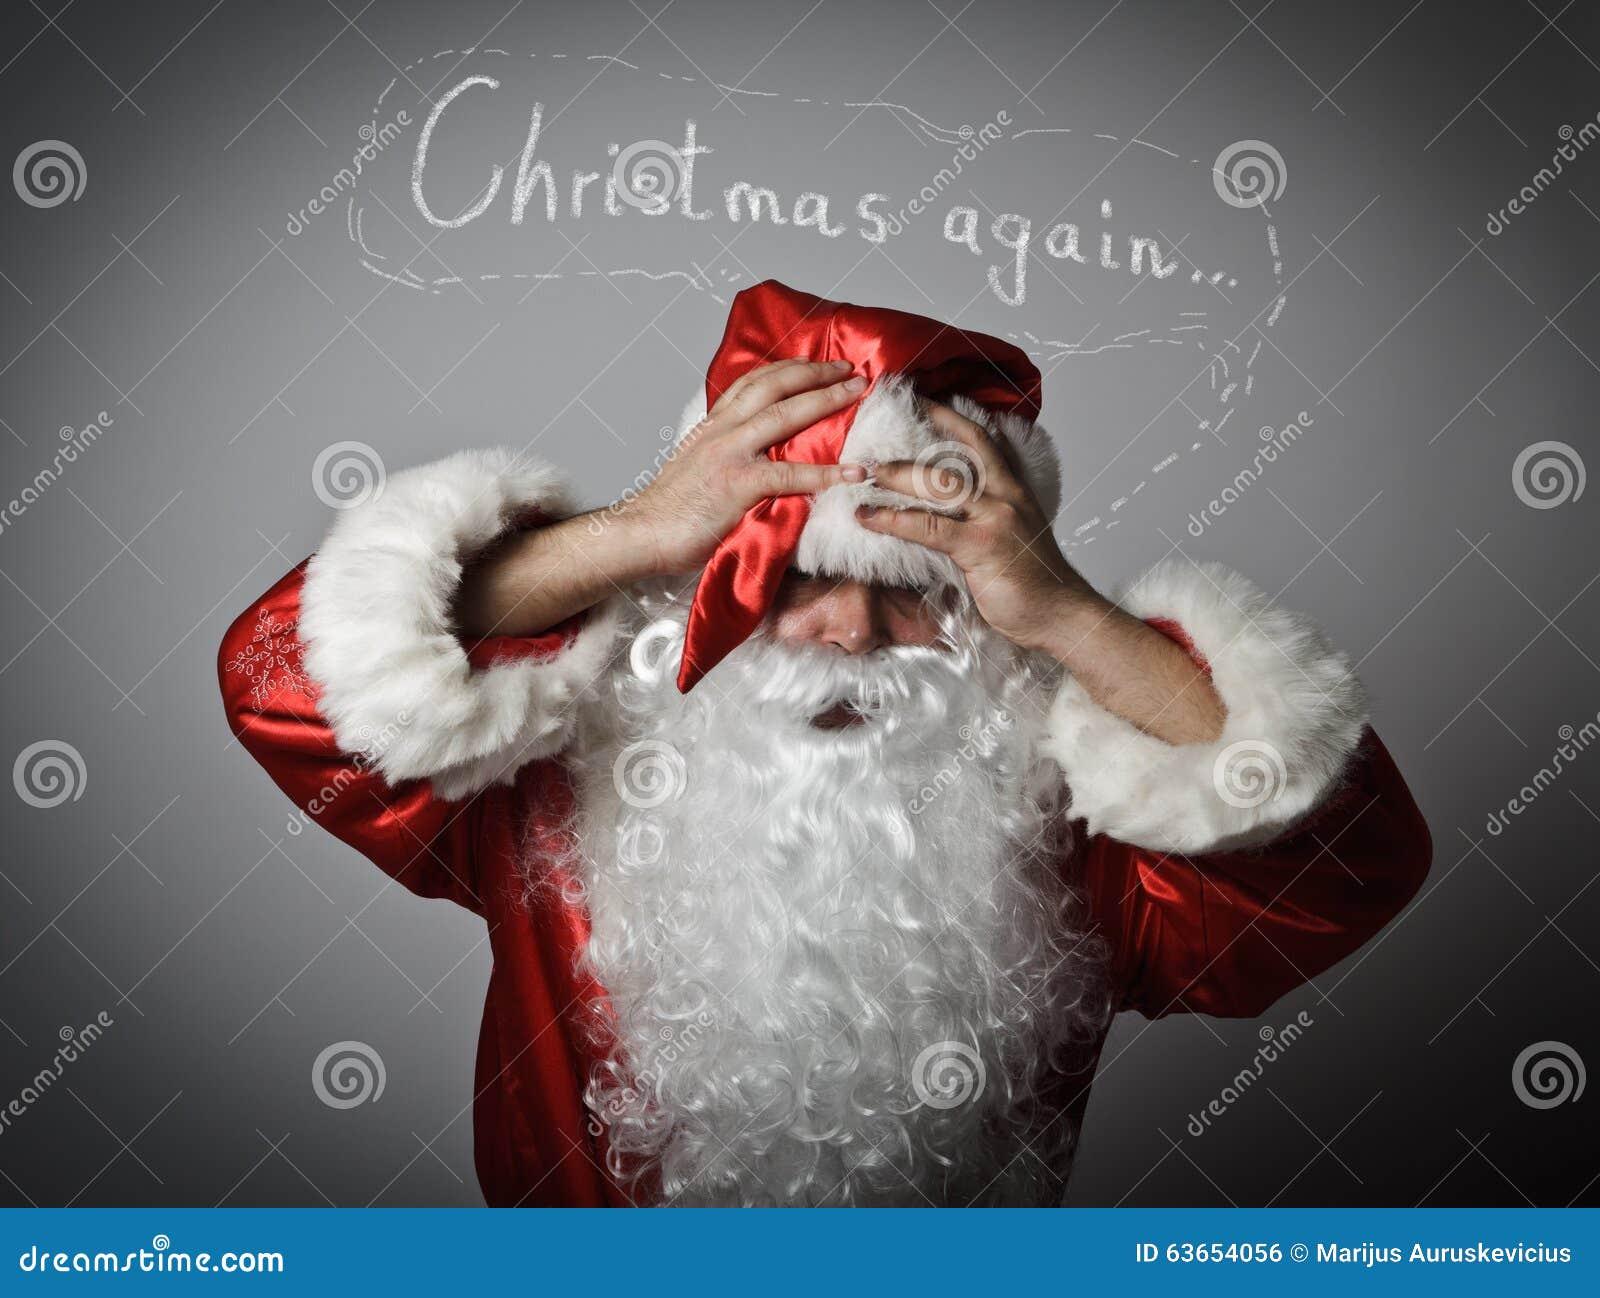 Sfrustowany Święty Mikołaj Pojęcie - boże narodzenia znowu